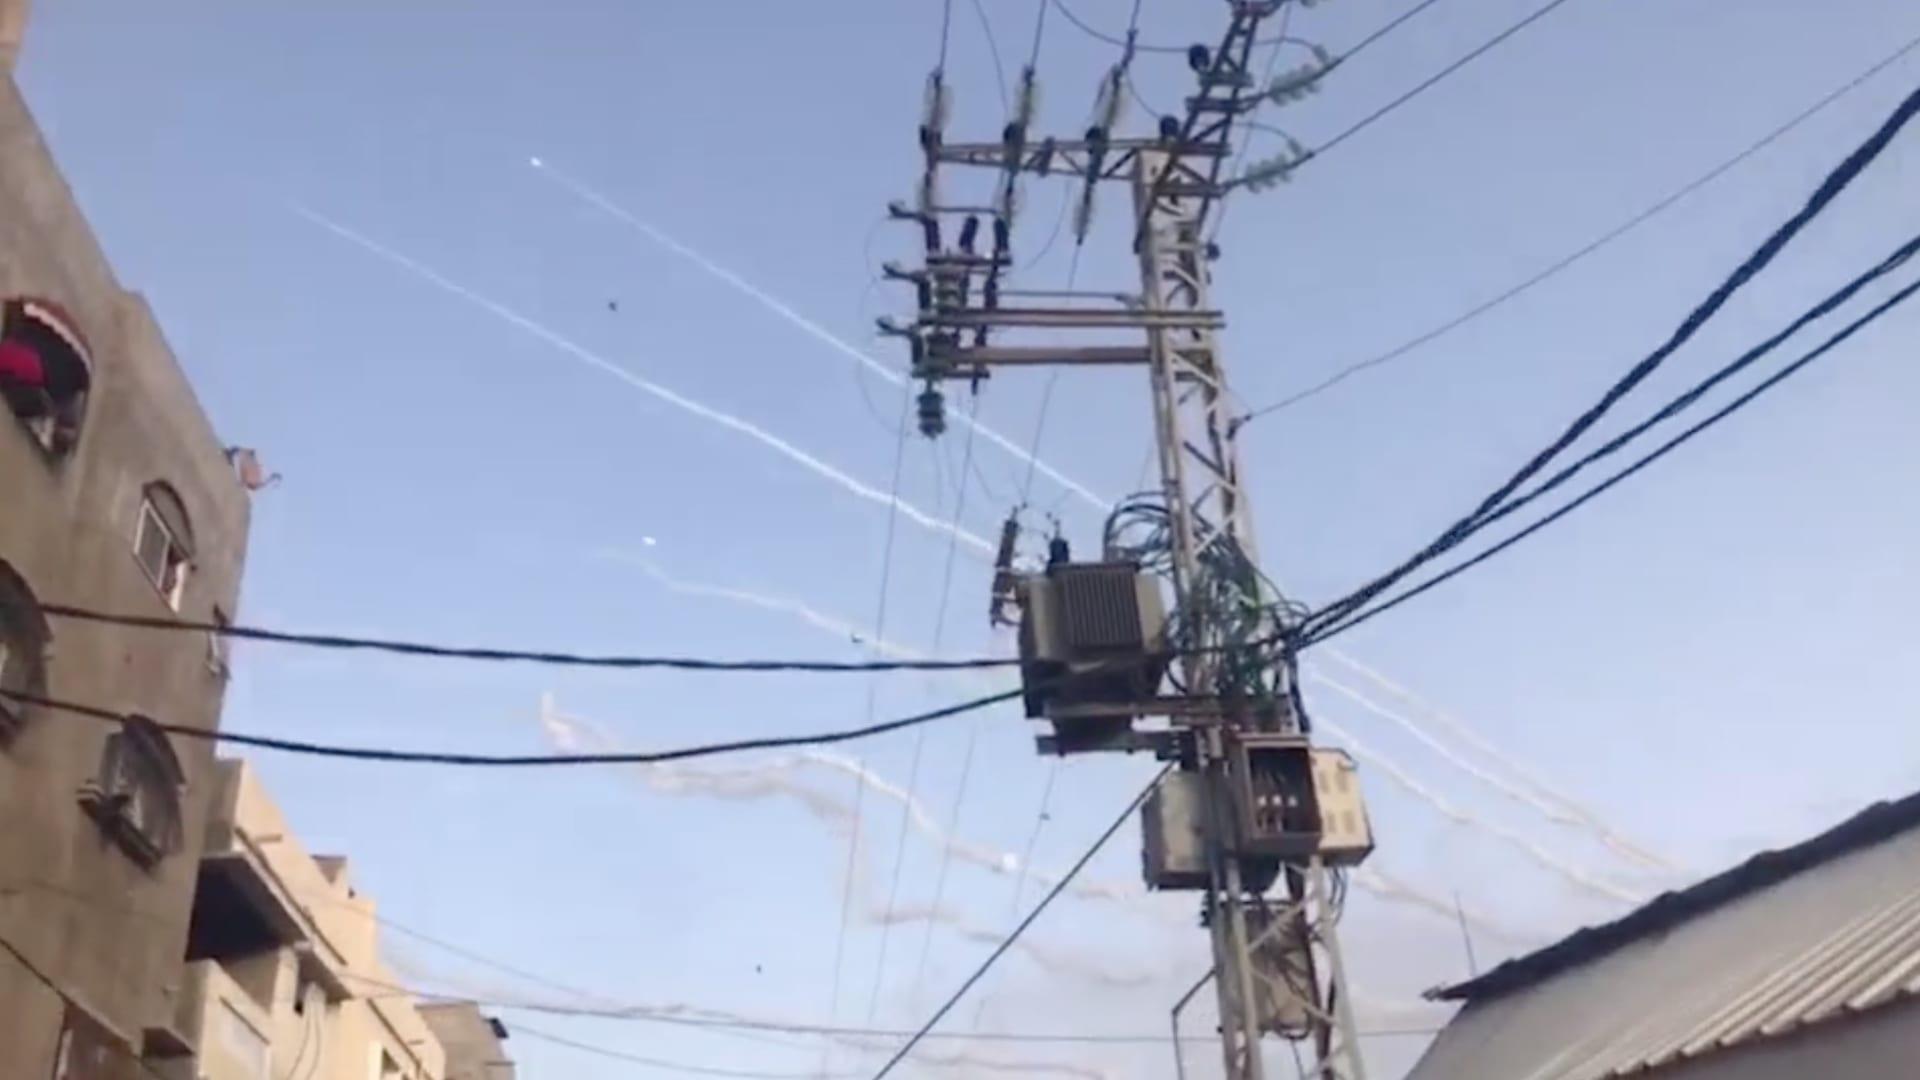 شاهد وابل الصواريخ التي تم إطلاقها من قطاع غزة باتجاه إسرائيل